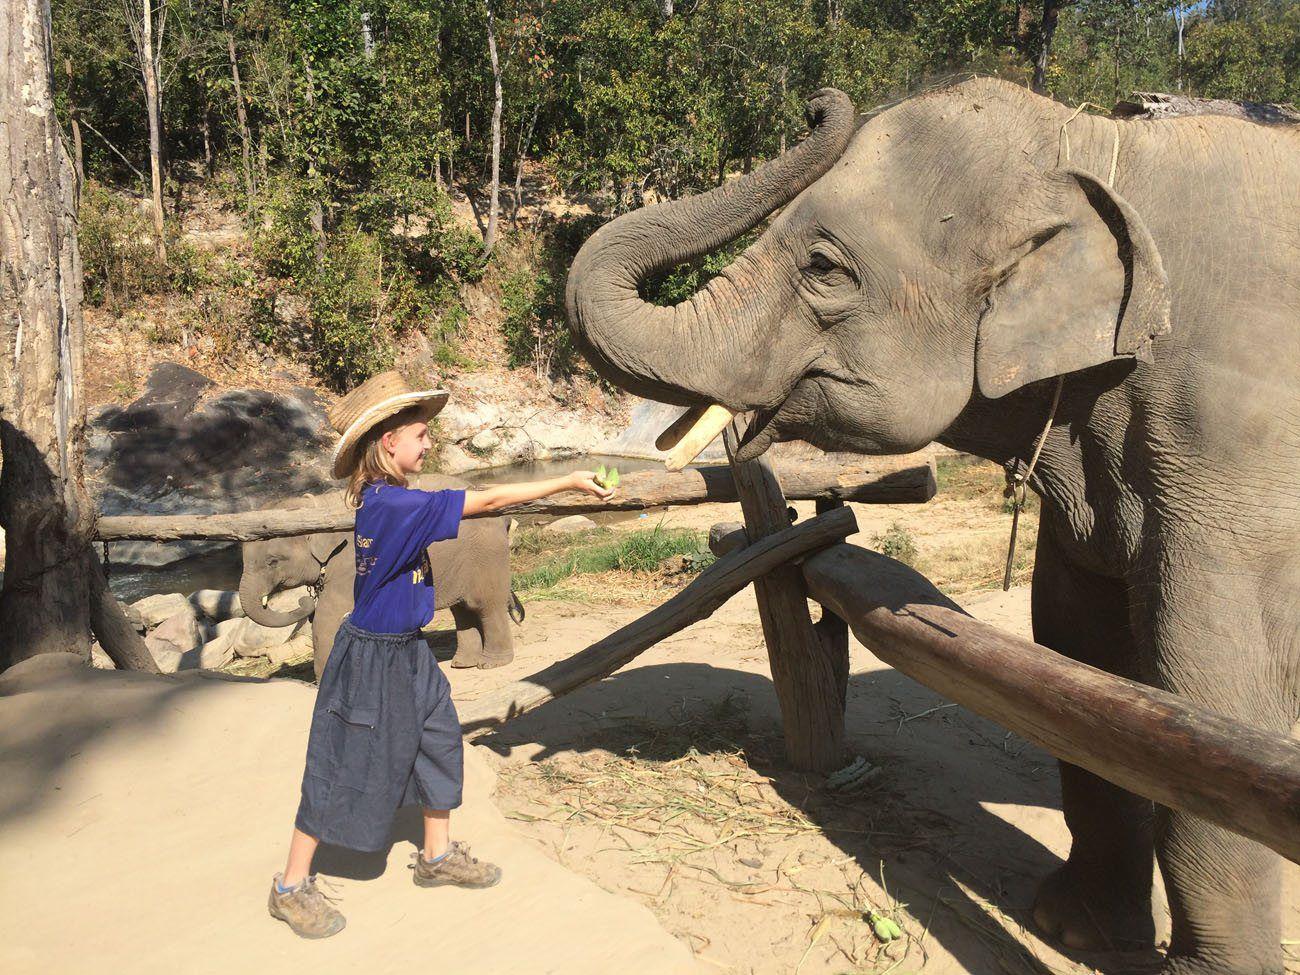 Kara Rivenbark with elephant